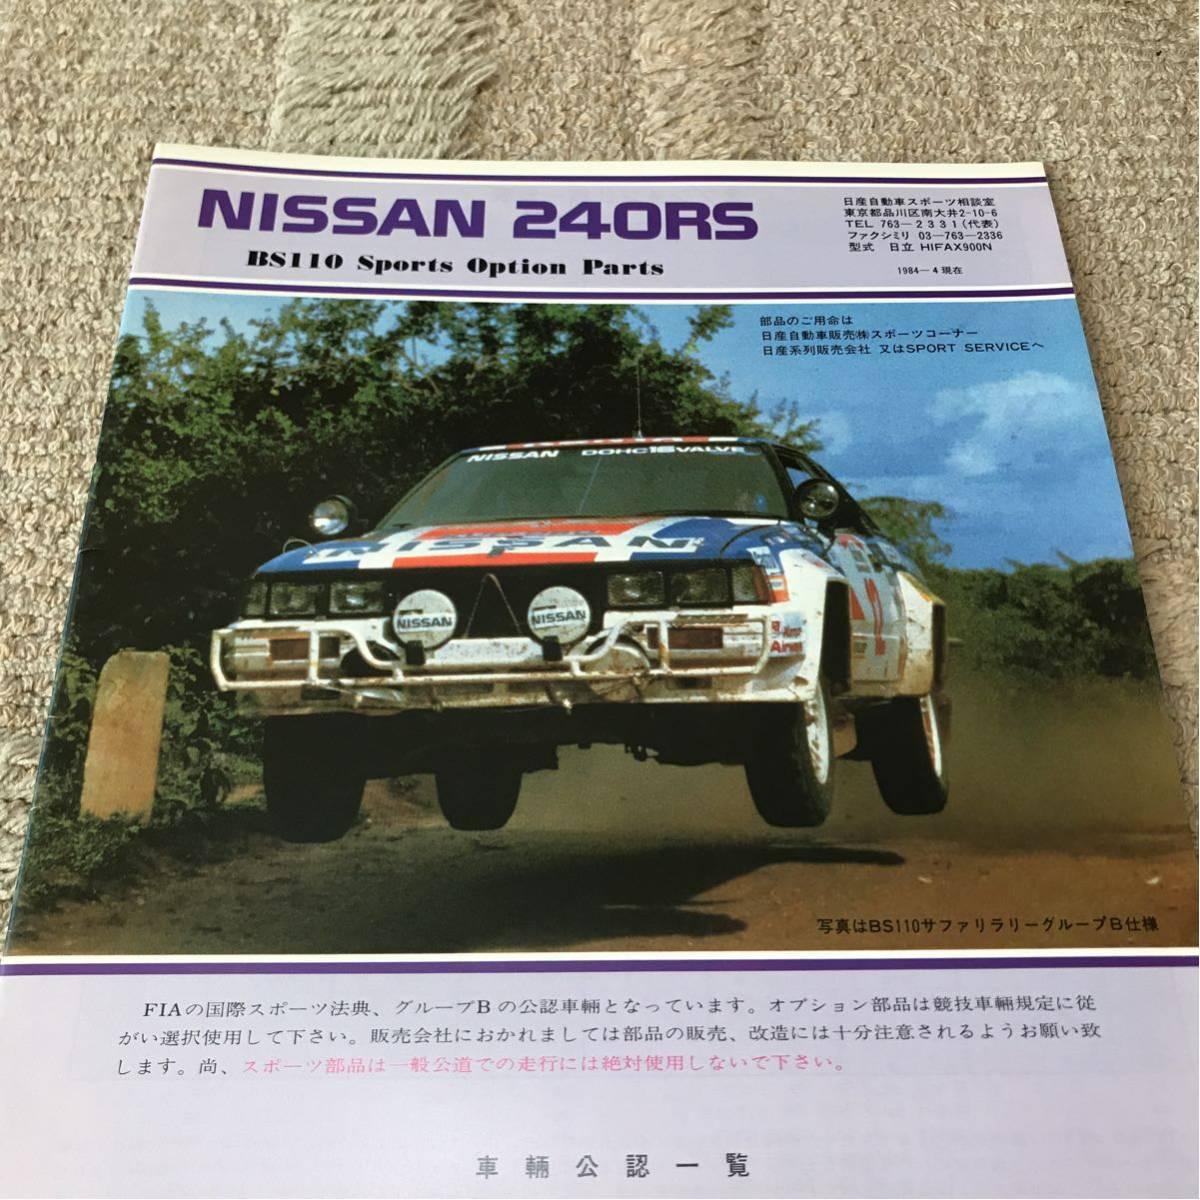 【美品】NISSAN 240RS BS110 SPORTS OPTION PARTS カタログ シルビア ガゼール